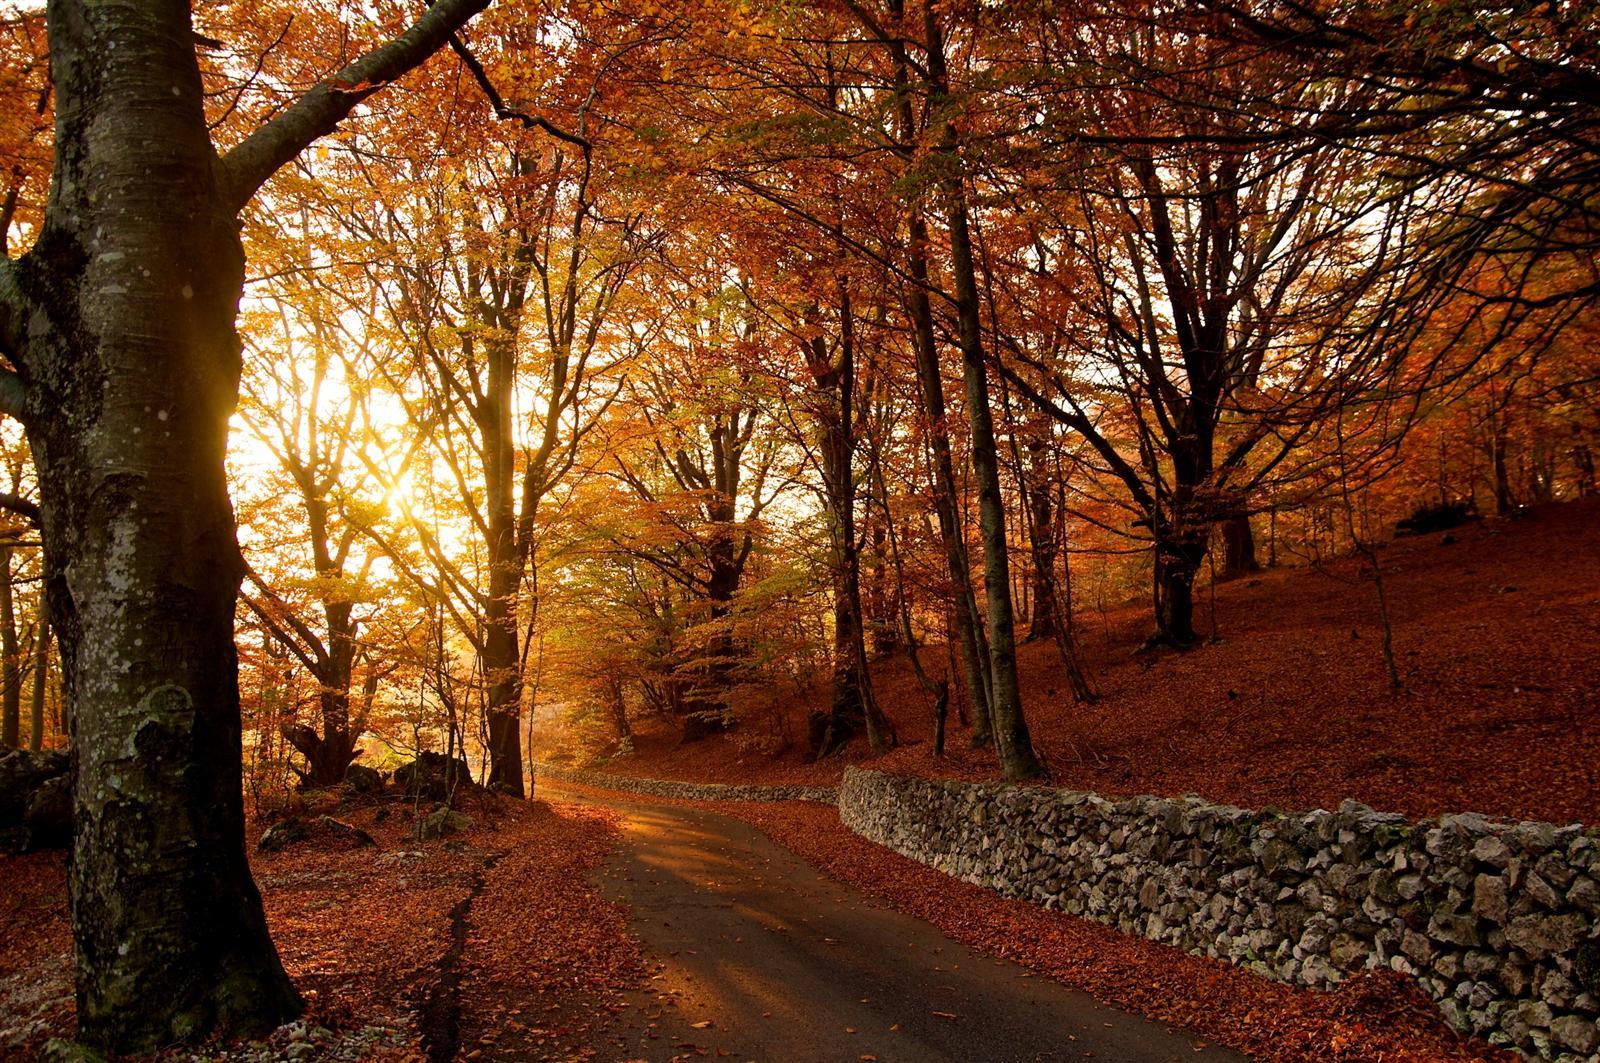 Autumn Fall Wallpaper Free Gioia Sannitica Guida Turistica Del Matese Portale Del